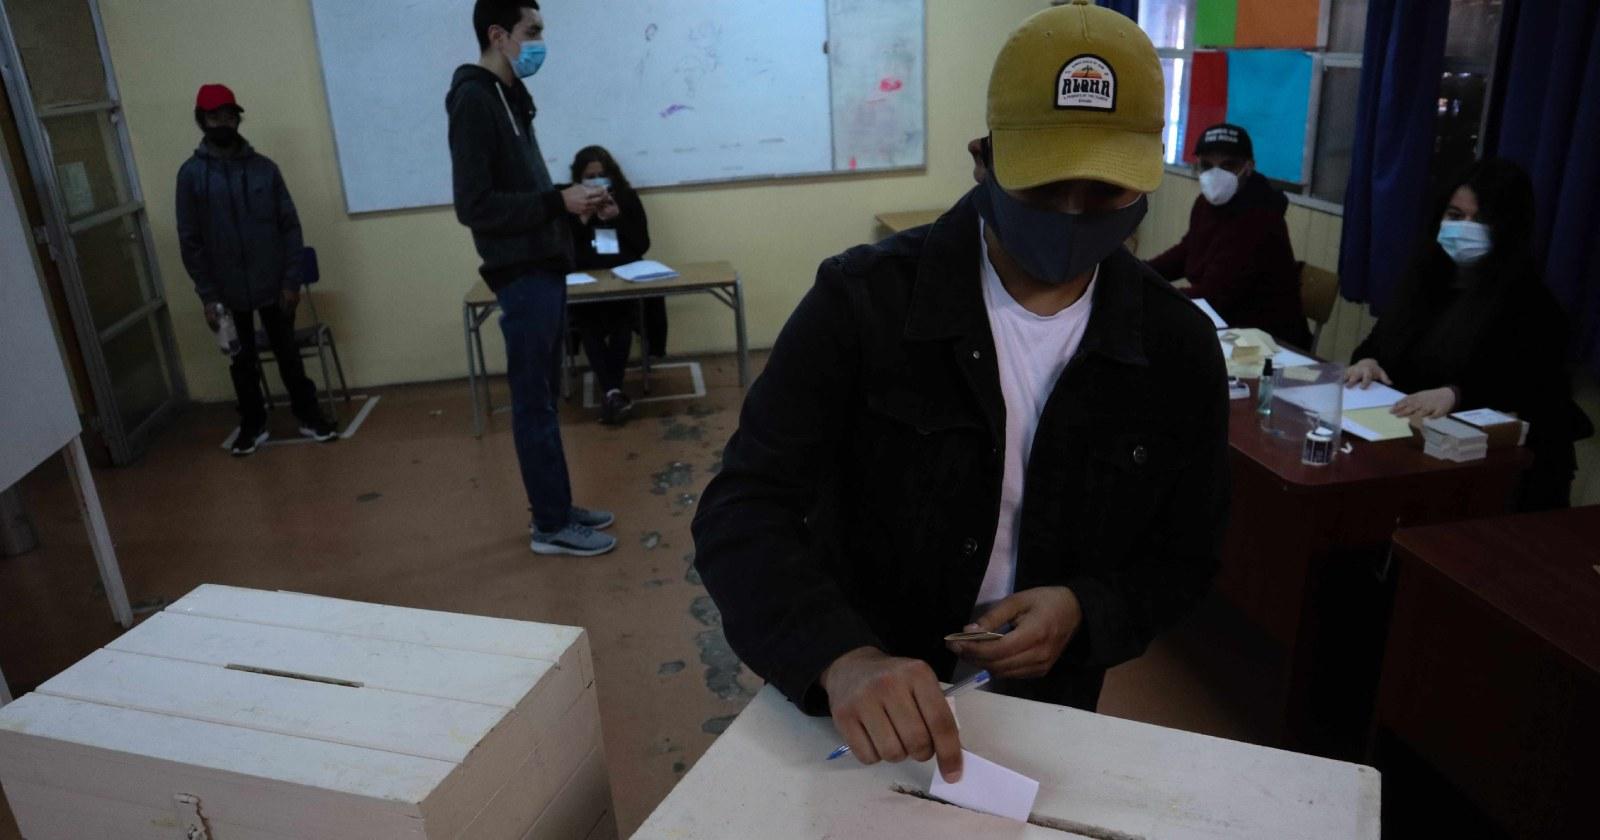 Oposición se divide ante proyecto que busca adelantar elecciones presidenciales